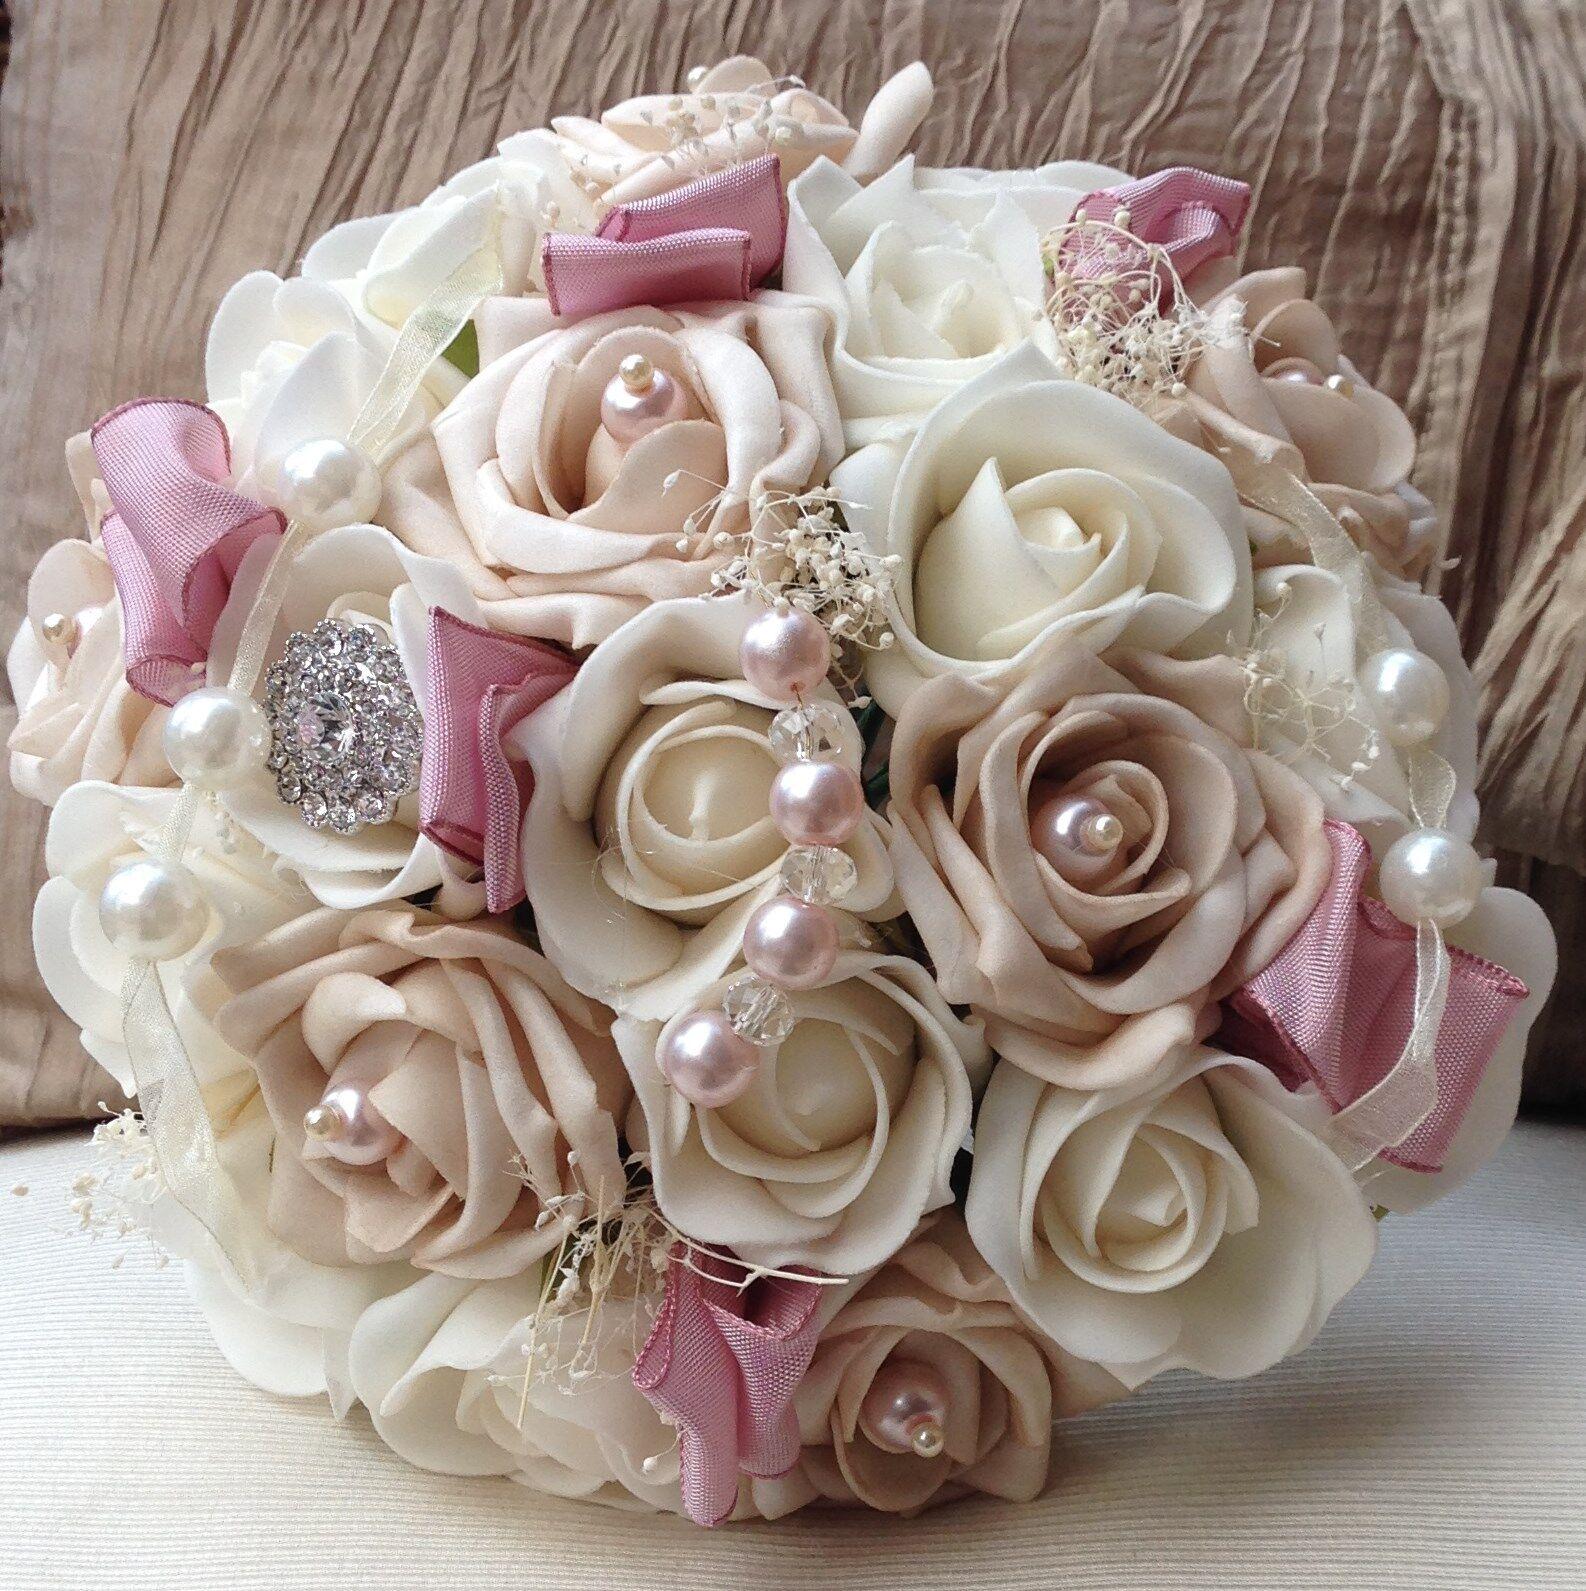 rosa Scuro Blush Blush Blush vintage avorio Spilla rosa SPOSE Bouquet Nozze Fiori 18f3aa